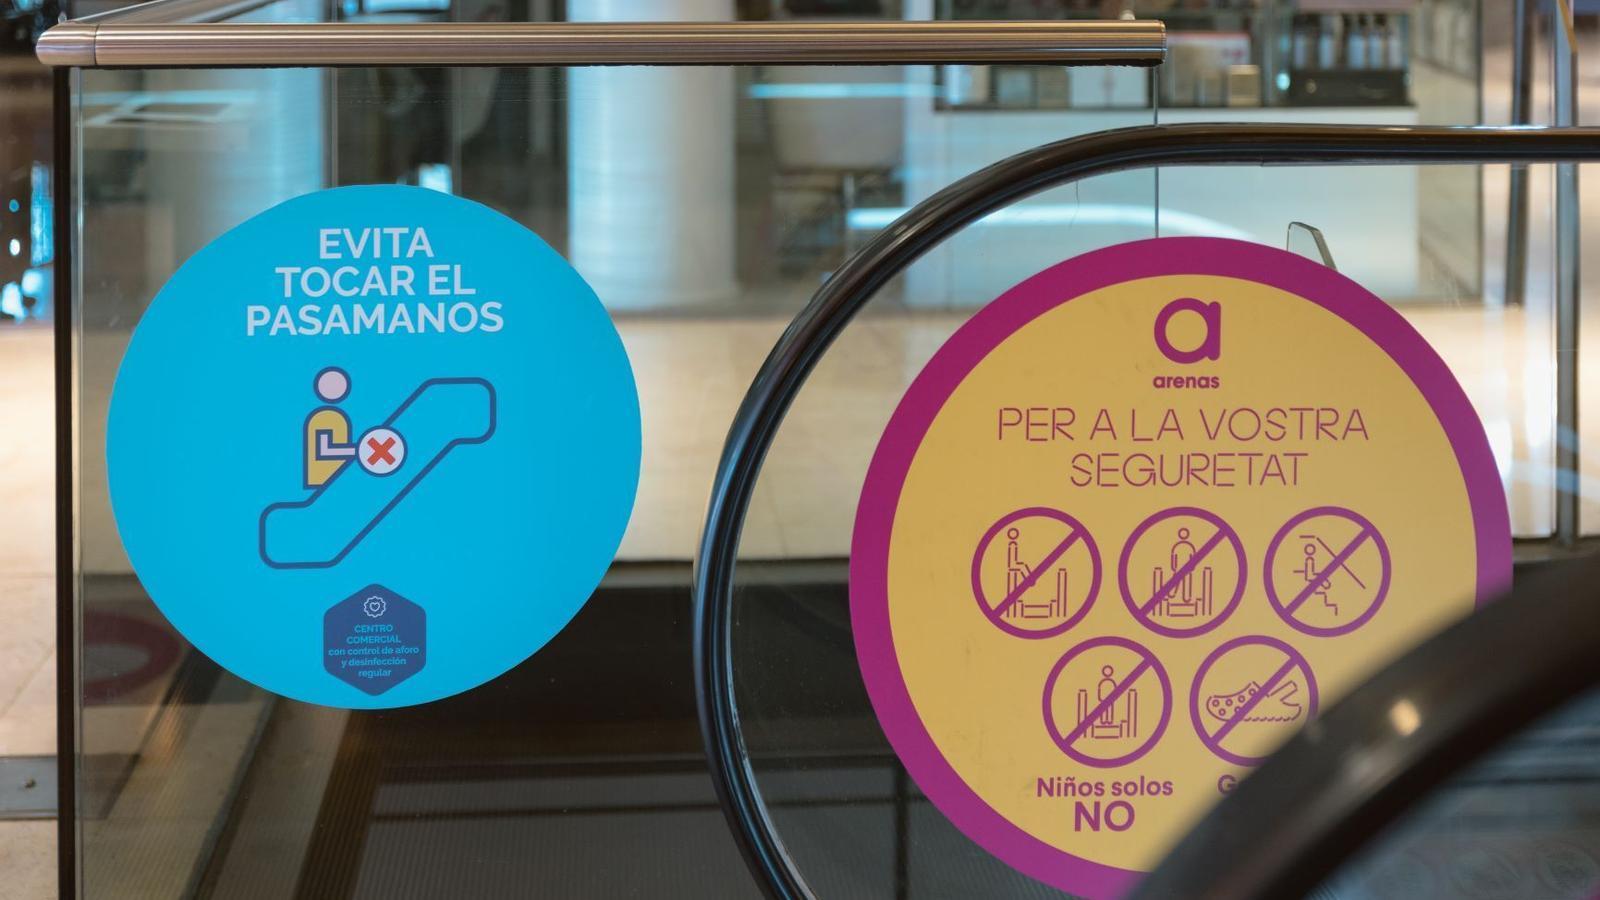 Barcelona entra en la fase 2: centres comercials oberts i banys a la platja permesos